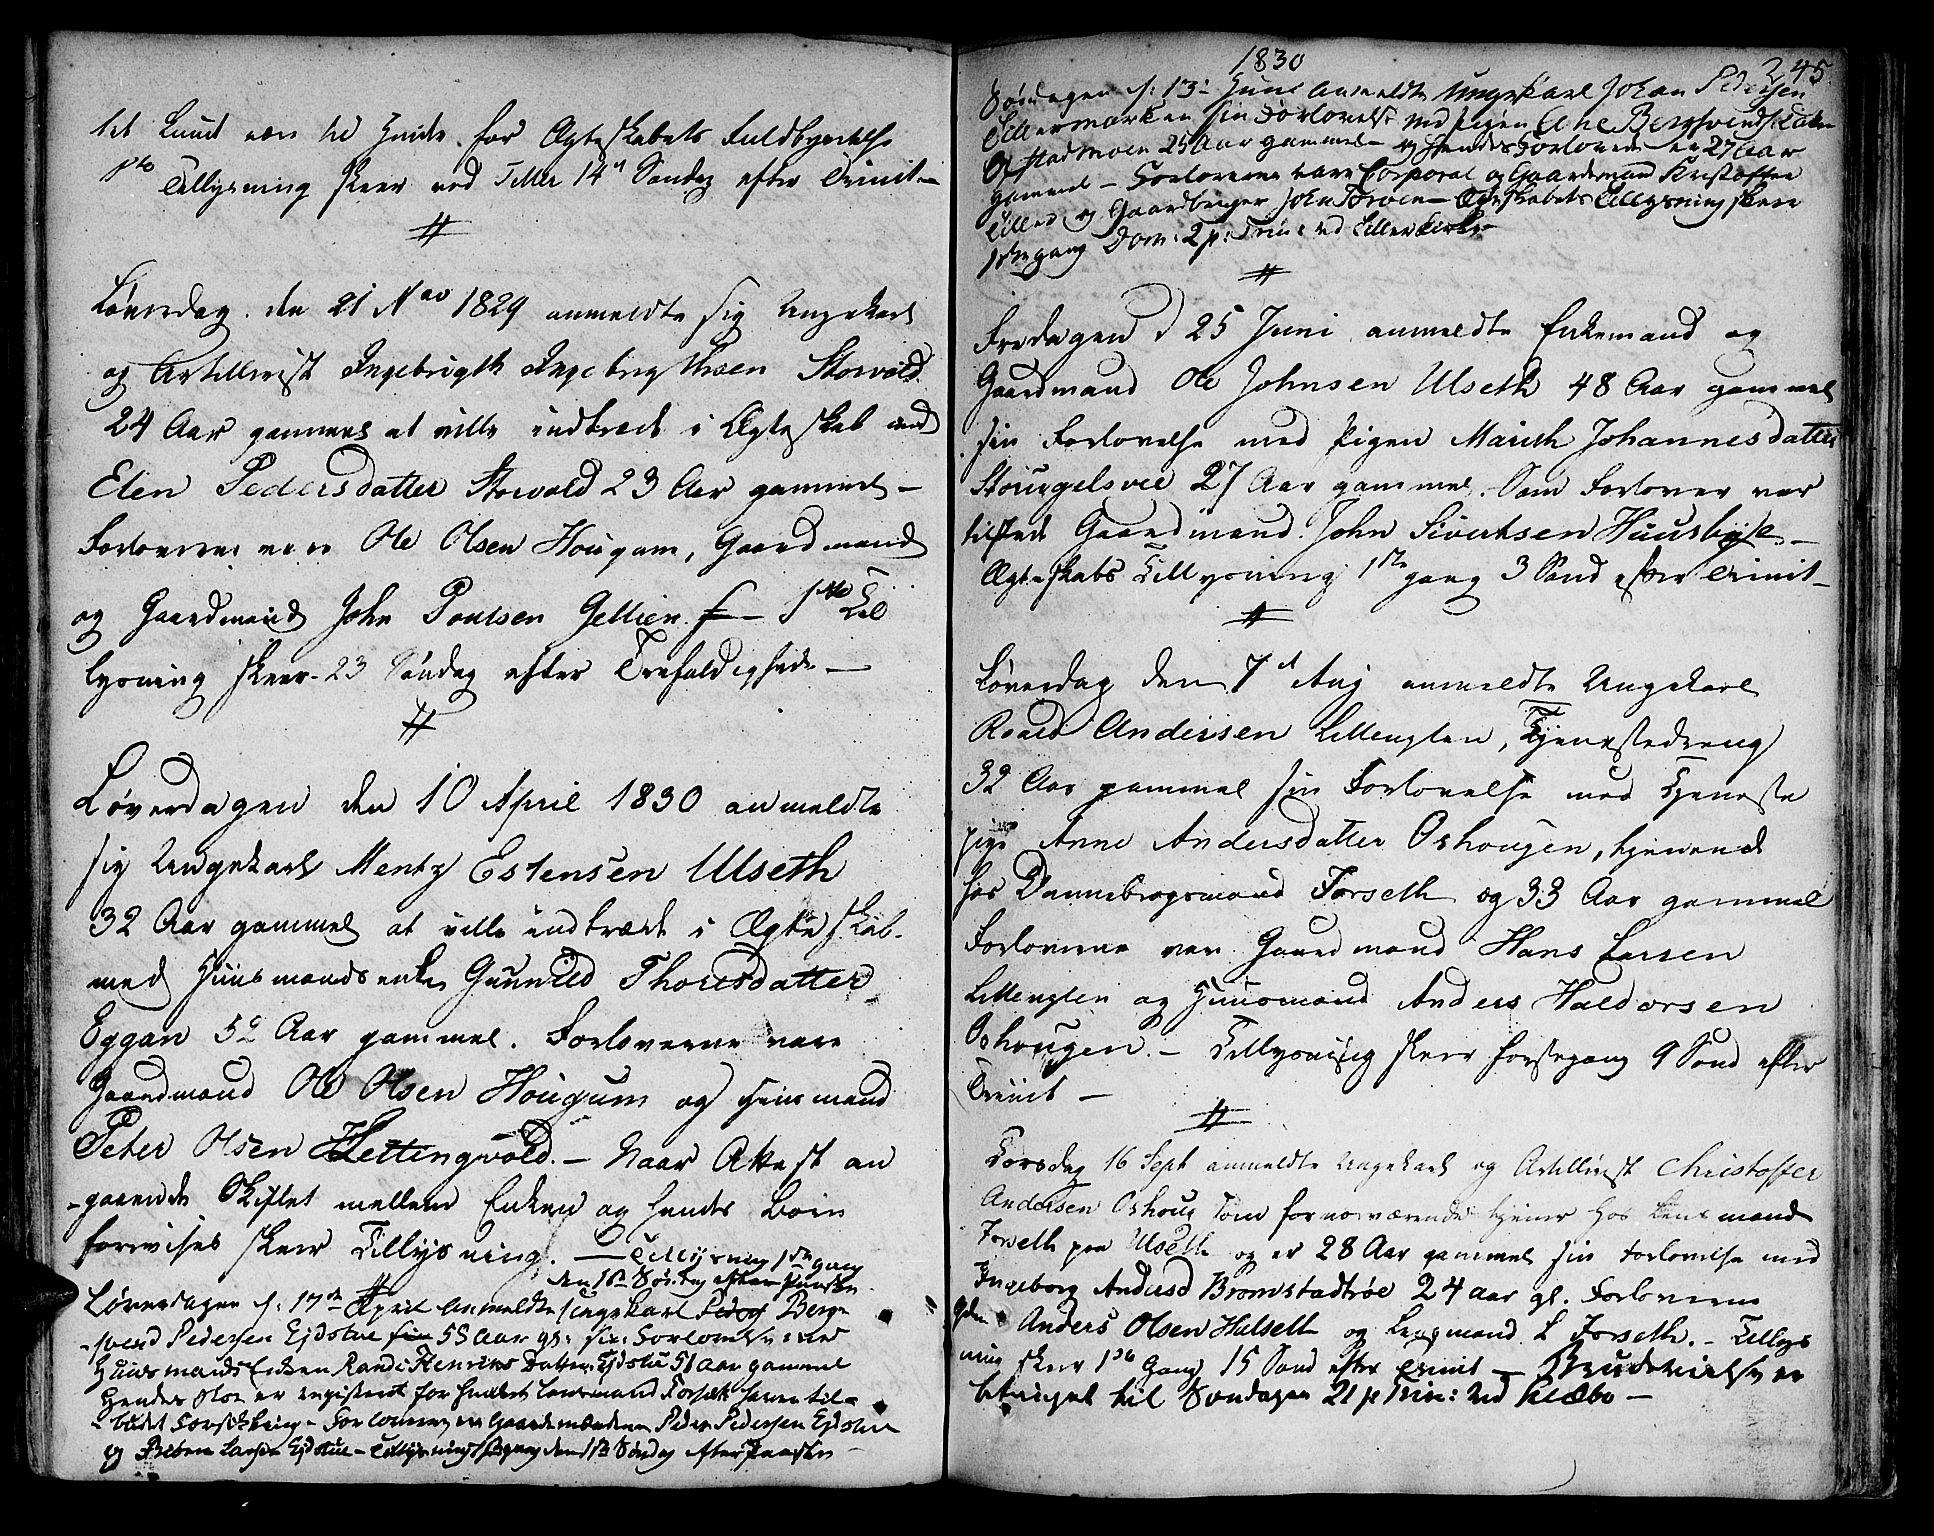 SAT, Ministerialprotokoller, klokkerbøker og fødselsregistre - Sør-Trøndelag, 618/L0438: Ministerialbok nr. 618A03, 1783-1815, s. 245